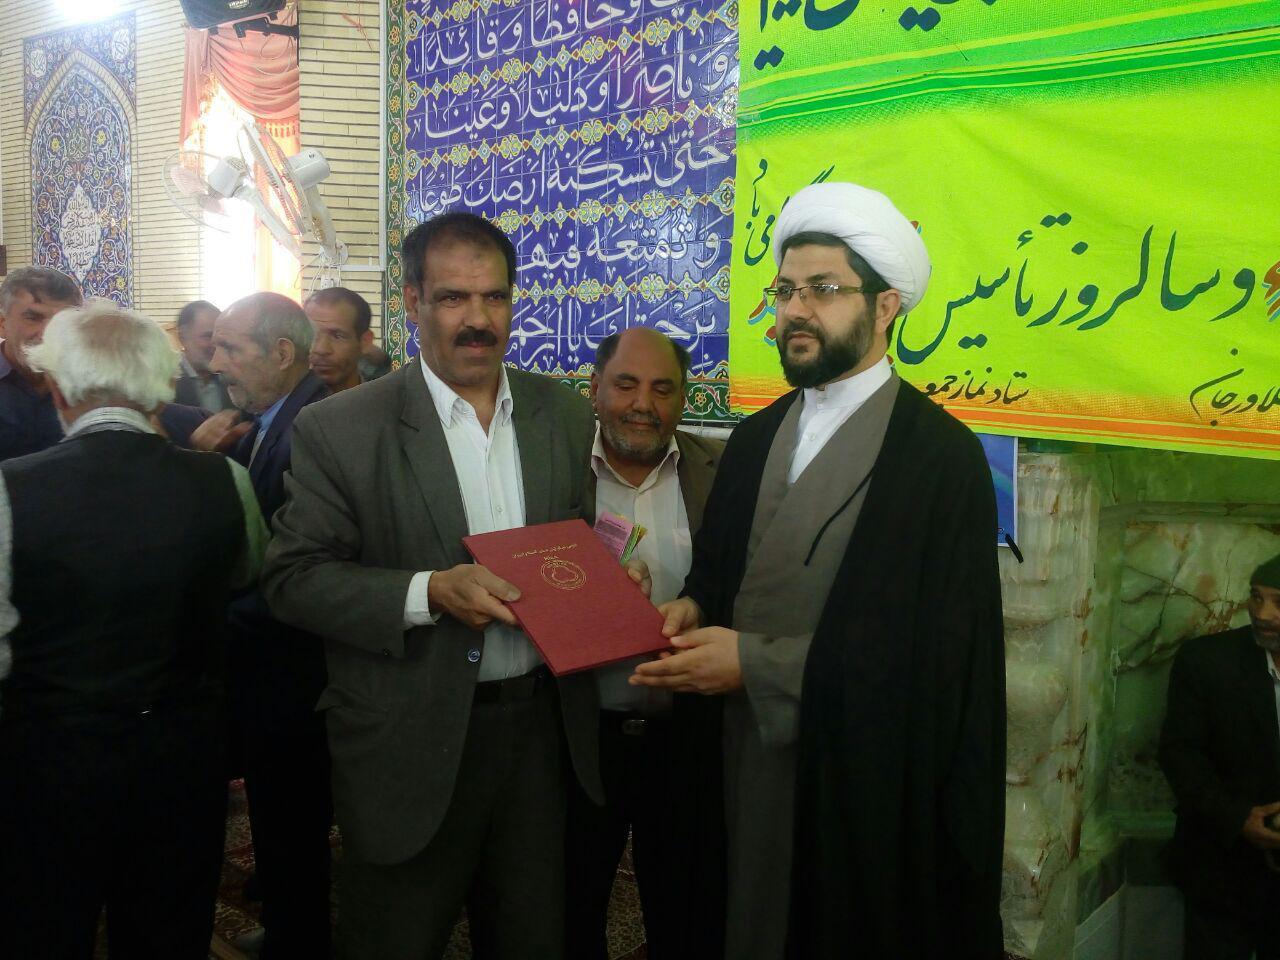 اهدای لوح تقدیر به امام جمعه محترم شهر قهدریجان توسط انجمن نیکوتین